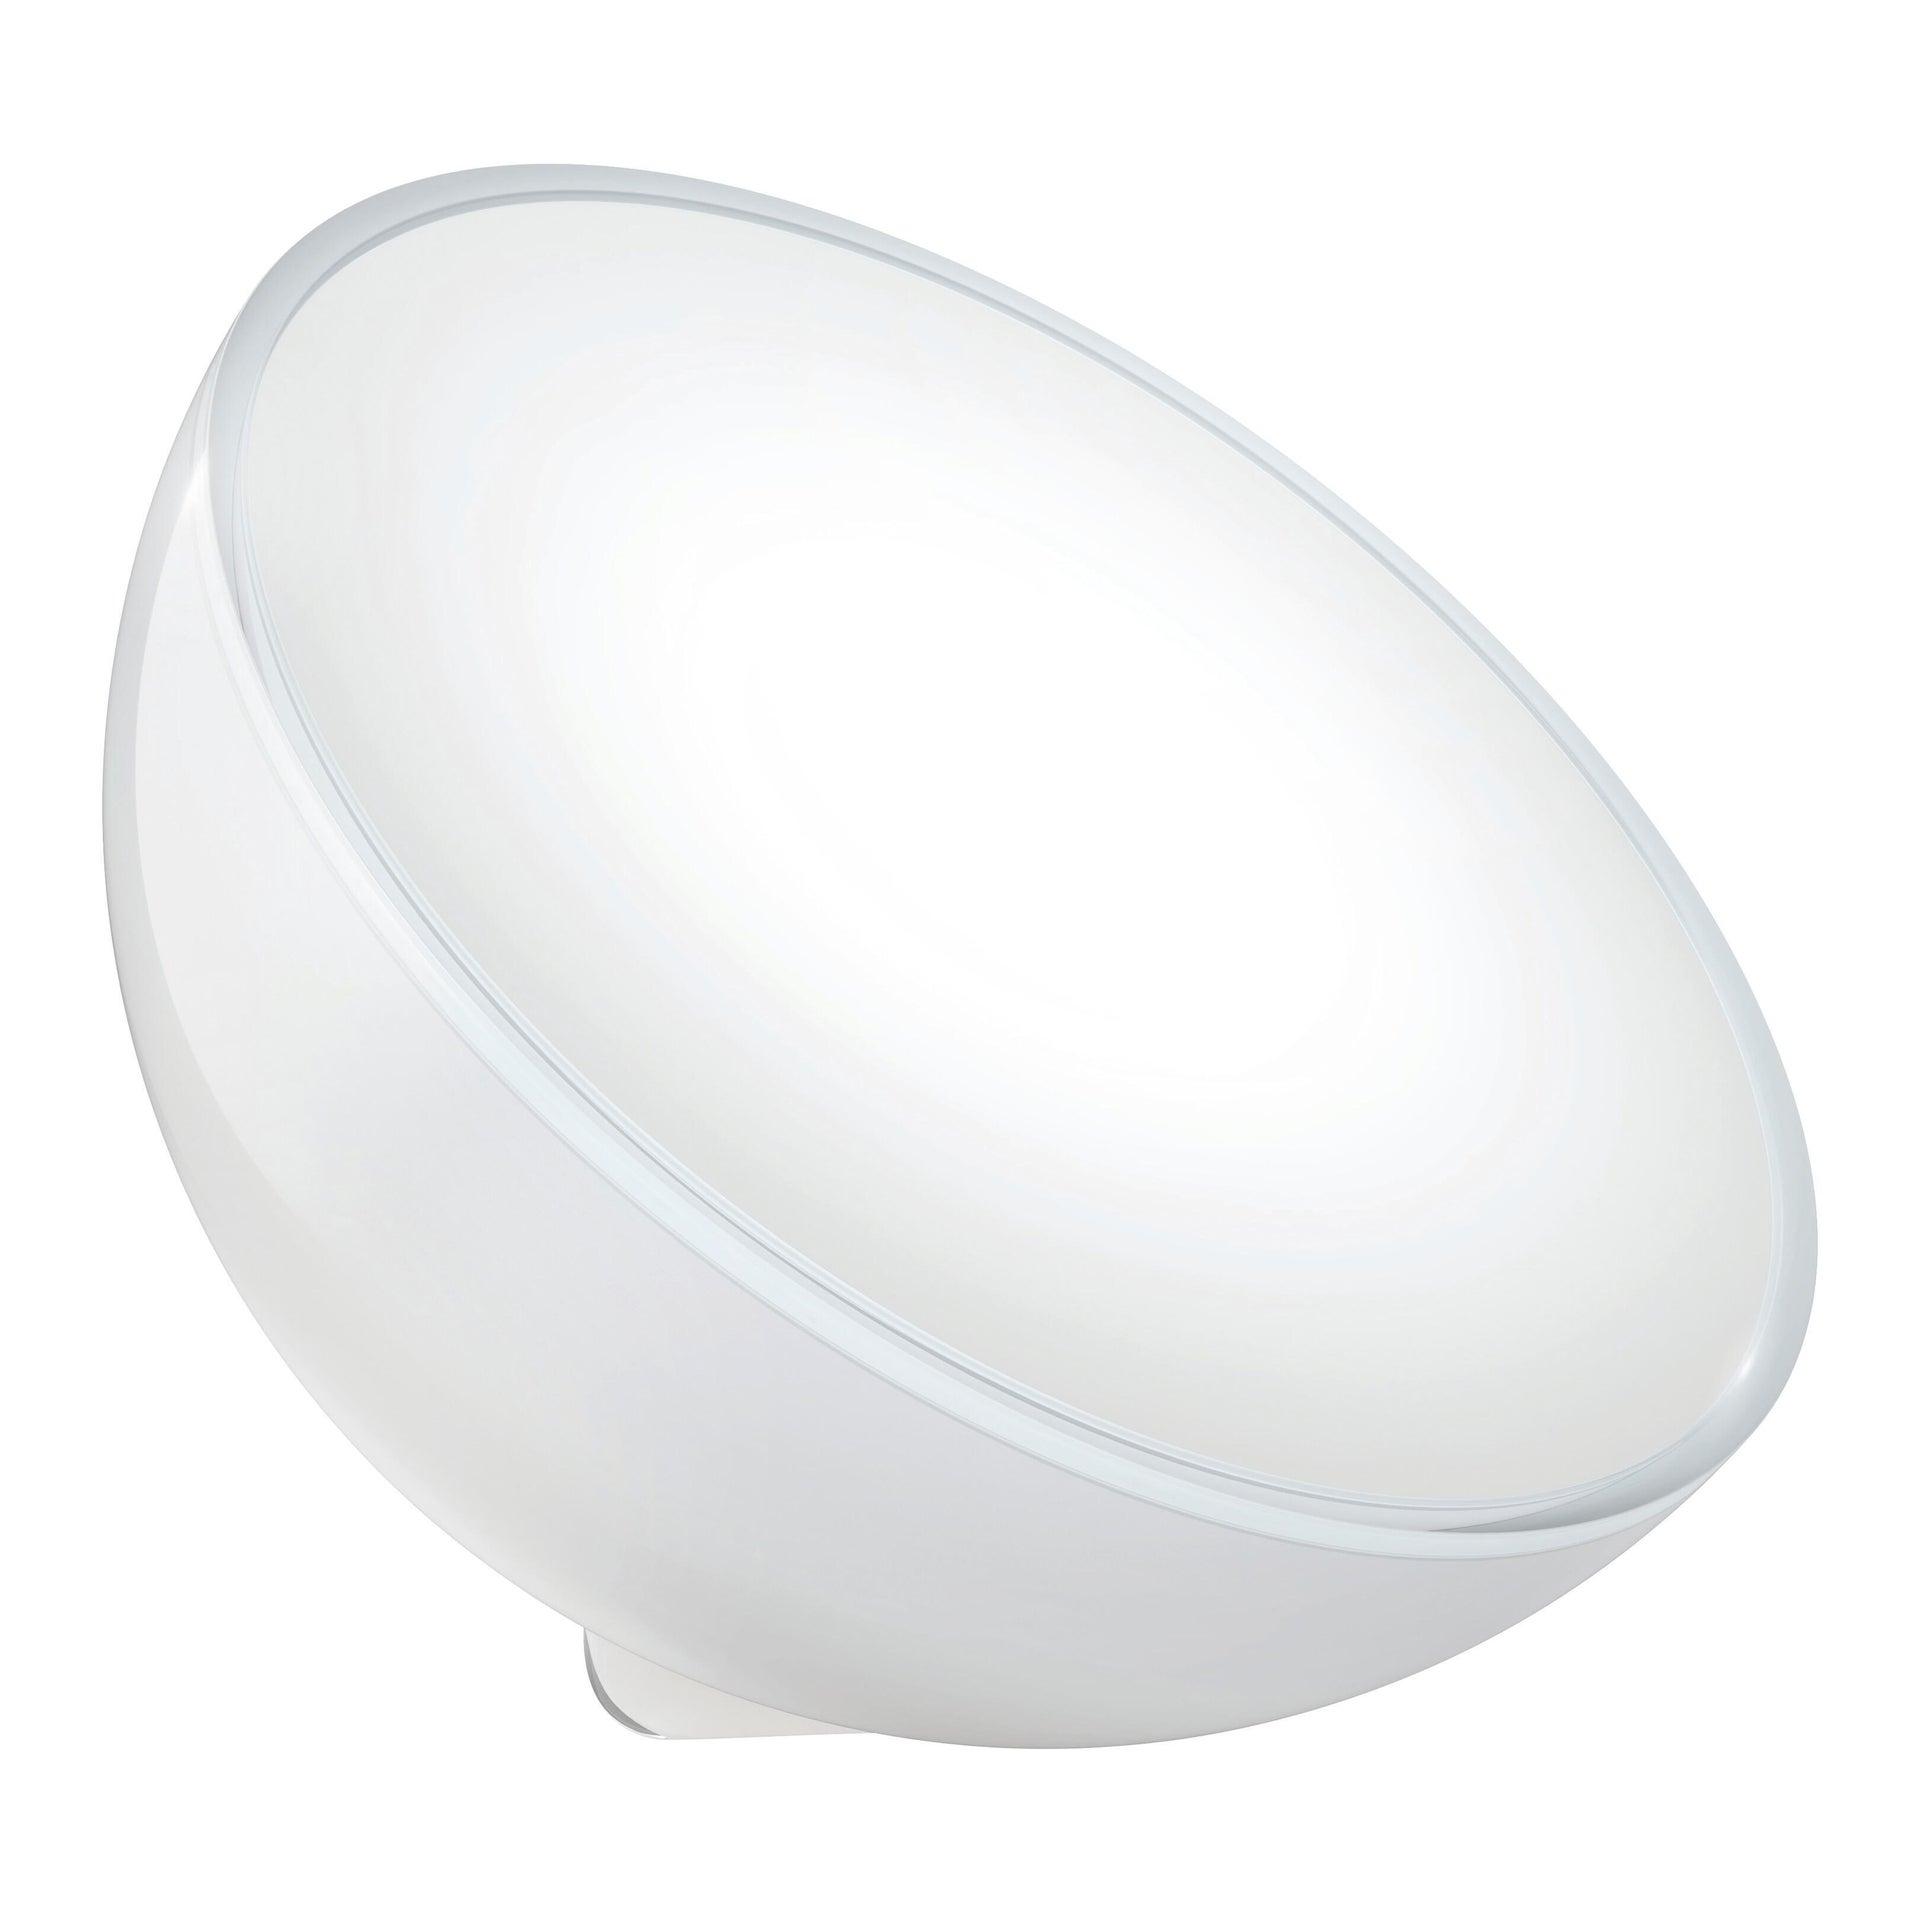 Lampada da tavolo Design portatile Go White and Color Ambiance bianco , PHILIPS HUE - 2